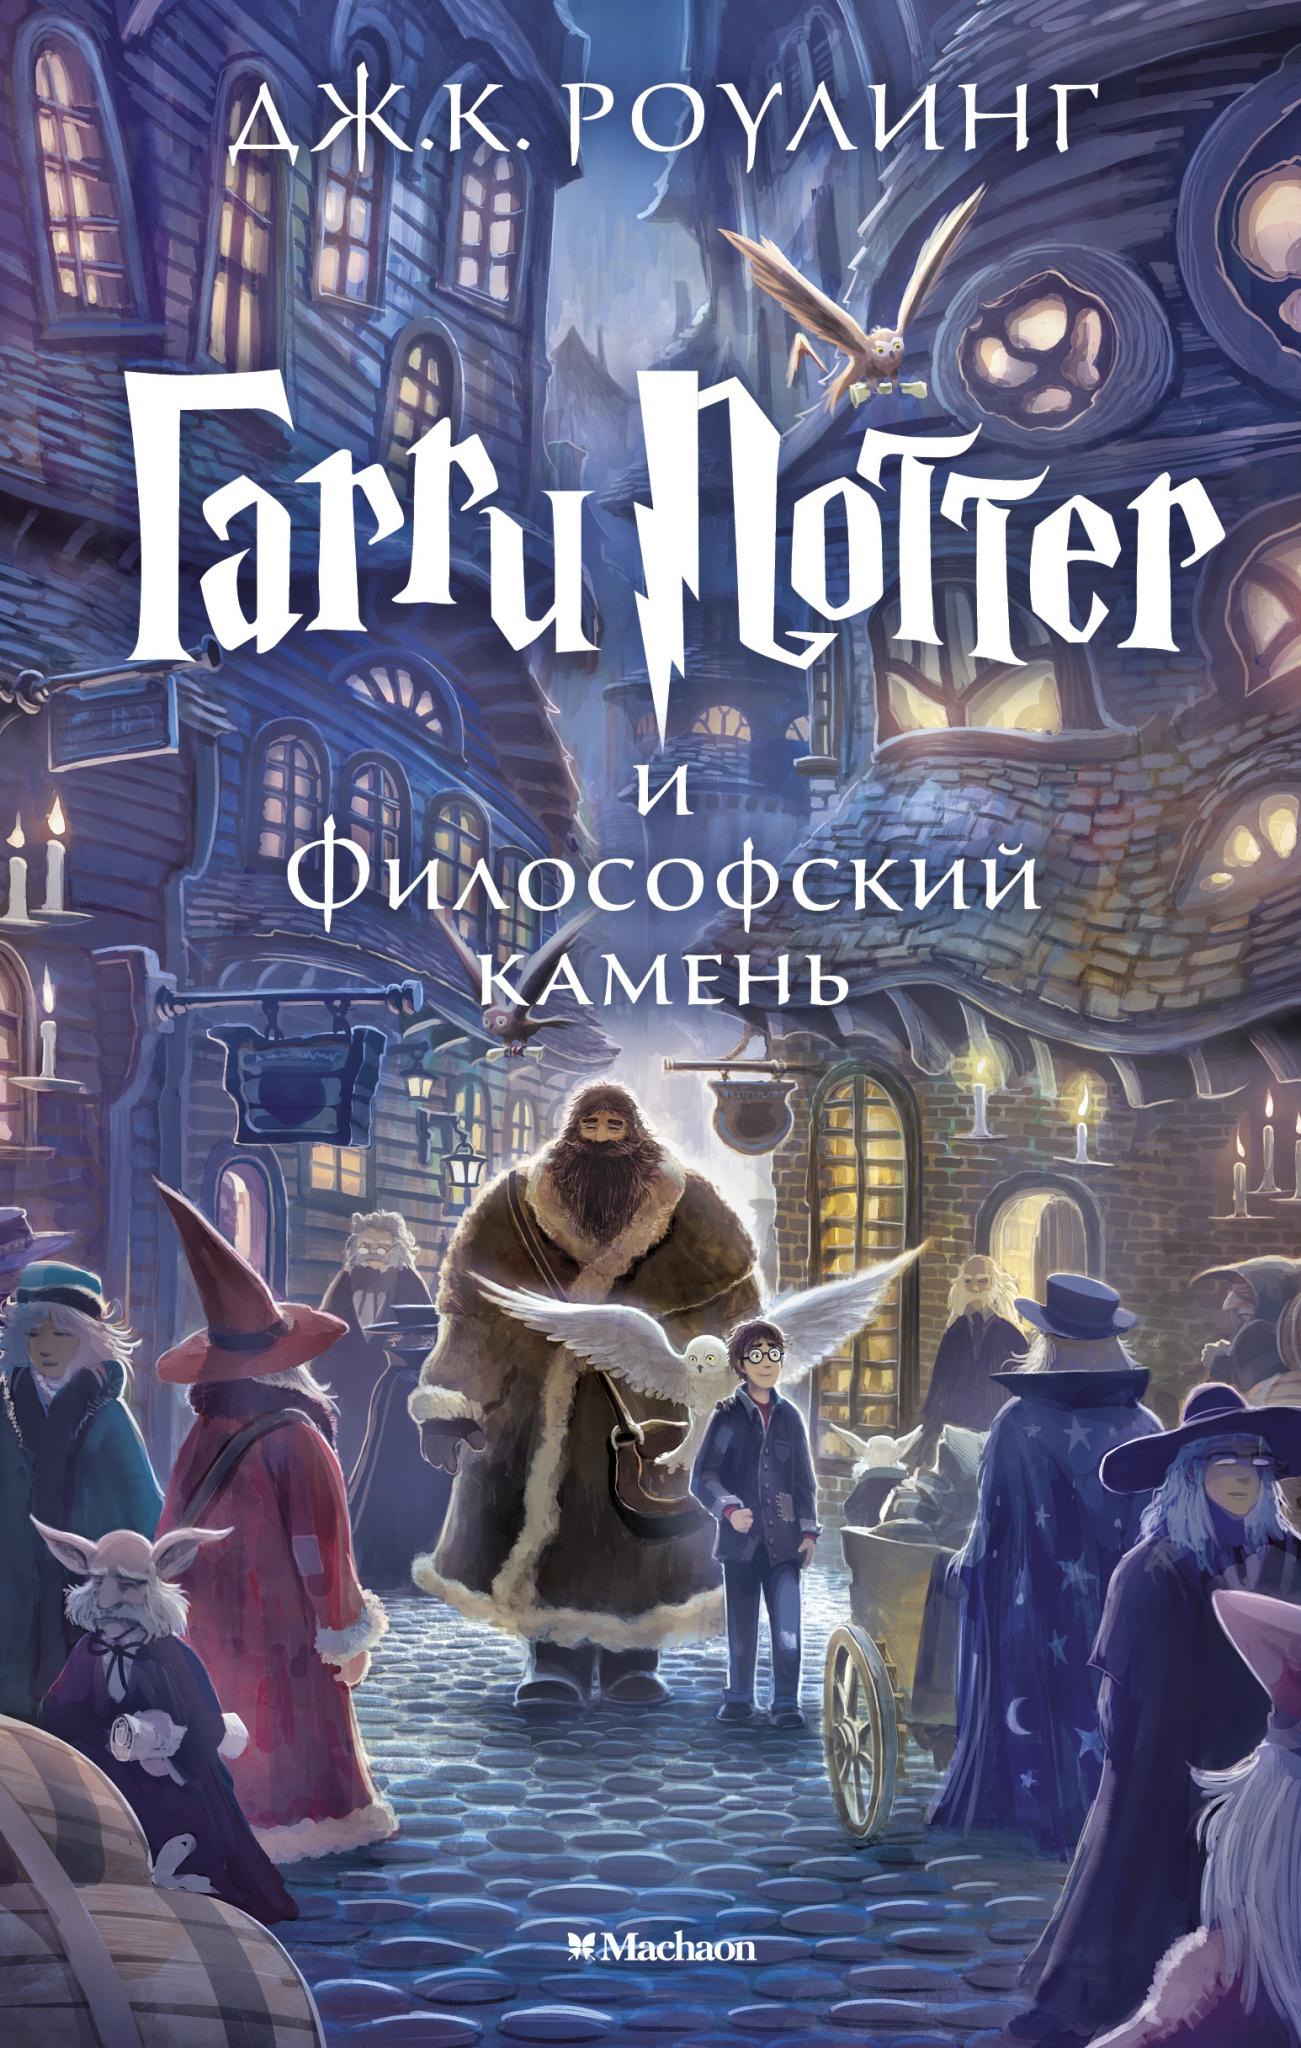 Гарри Поттер Философский Камень Скачать Книгу Перевод Росмэн